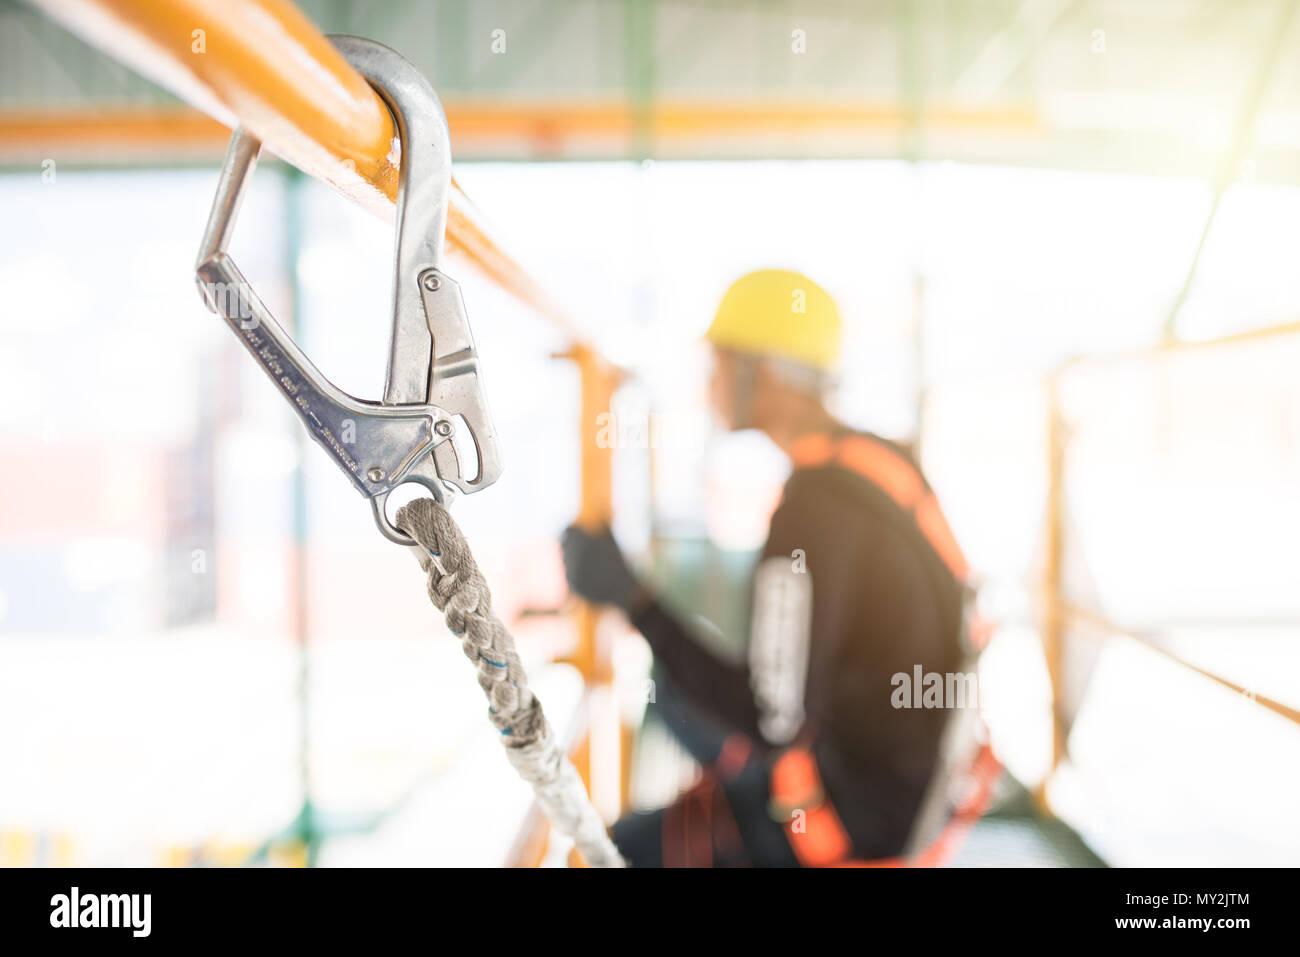 Trabajador industrial con protección de seguridad equipo de bucle colgado en el bar, además, el concepto de seguridad Imagen De Stock